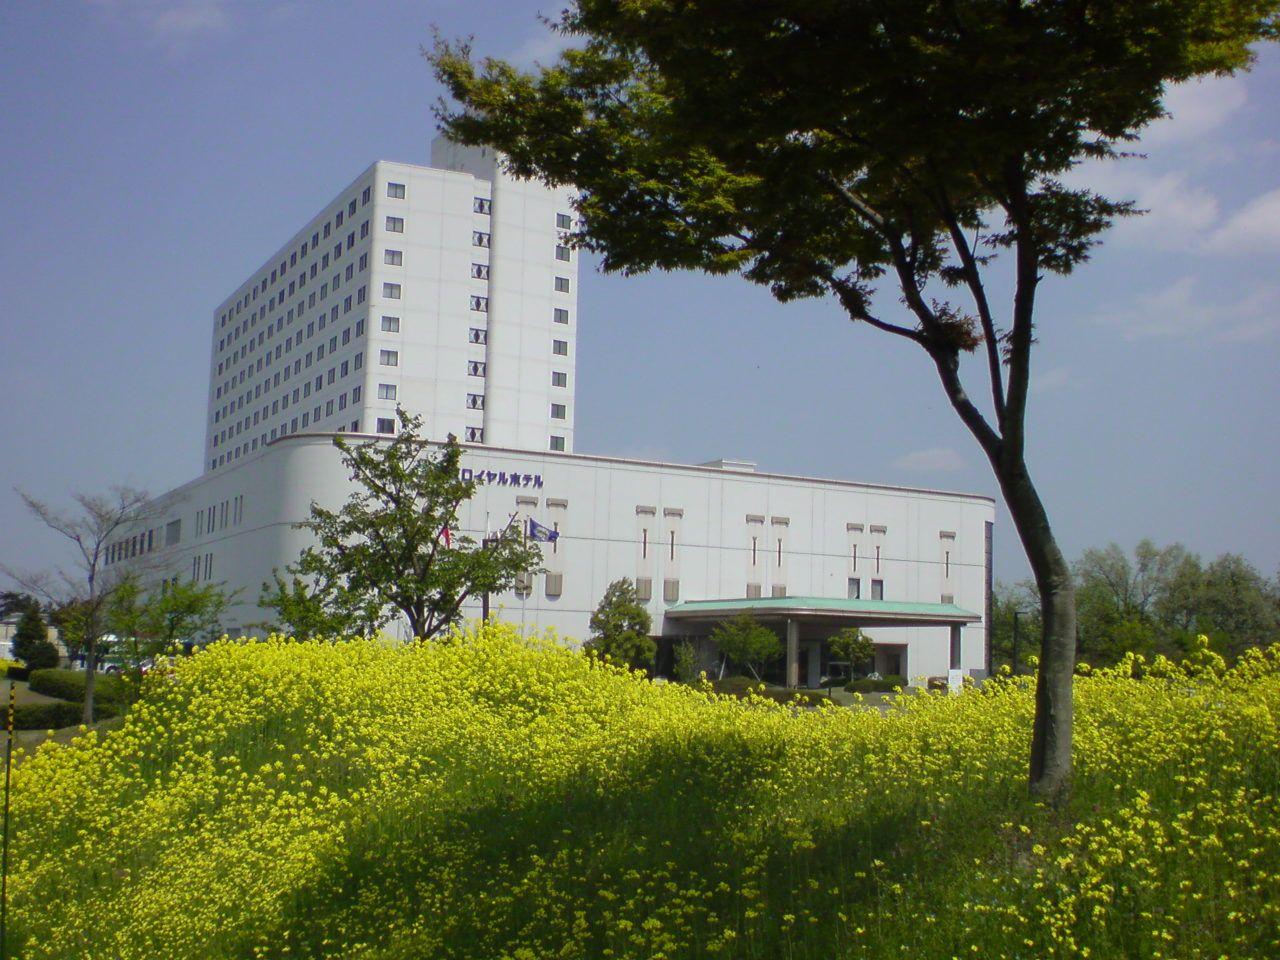 お祭りを楽しむお宿に最適!「Royal Hotel 富山砺波」